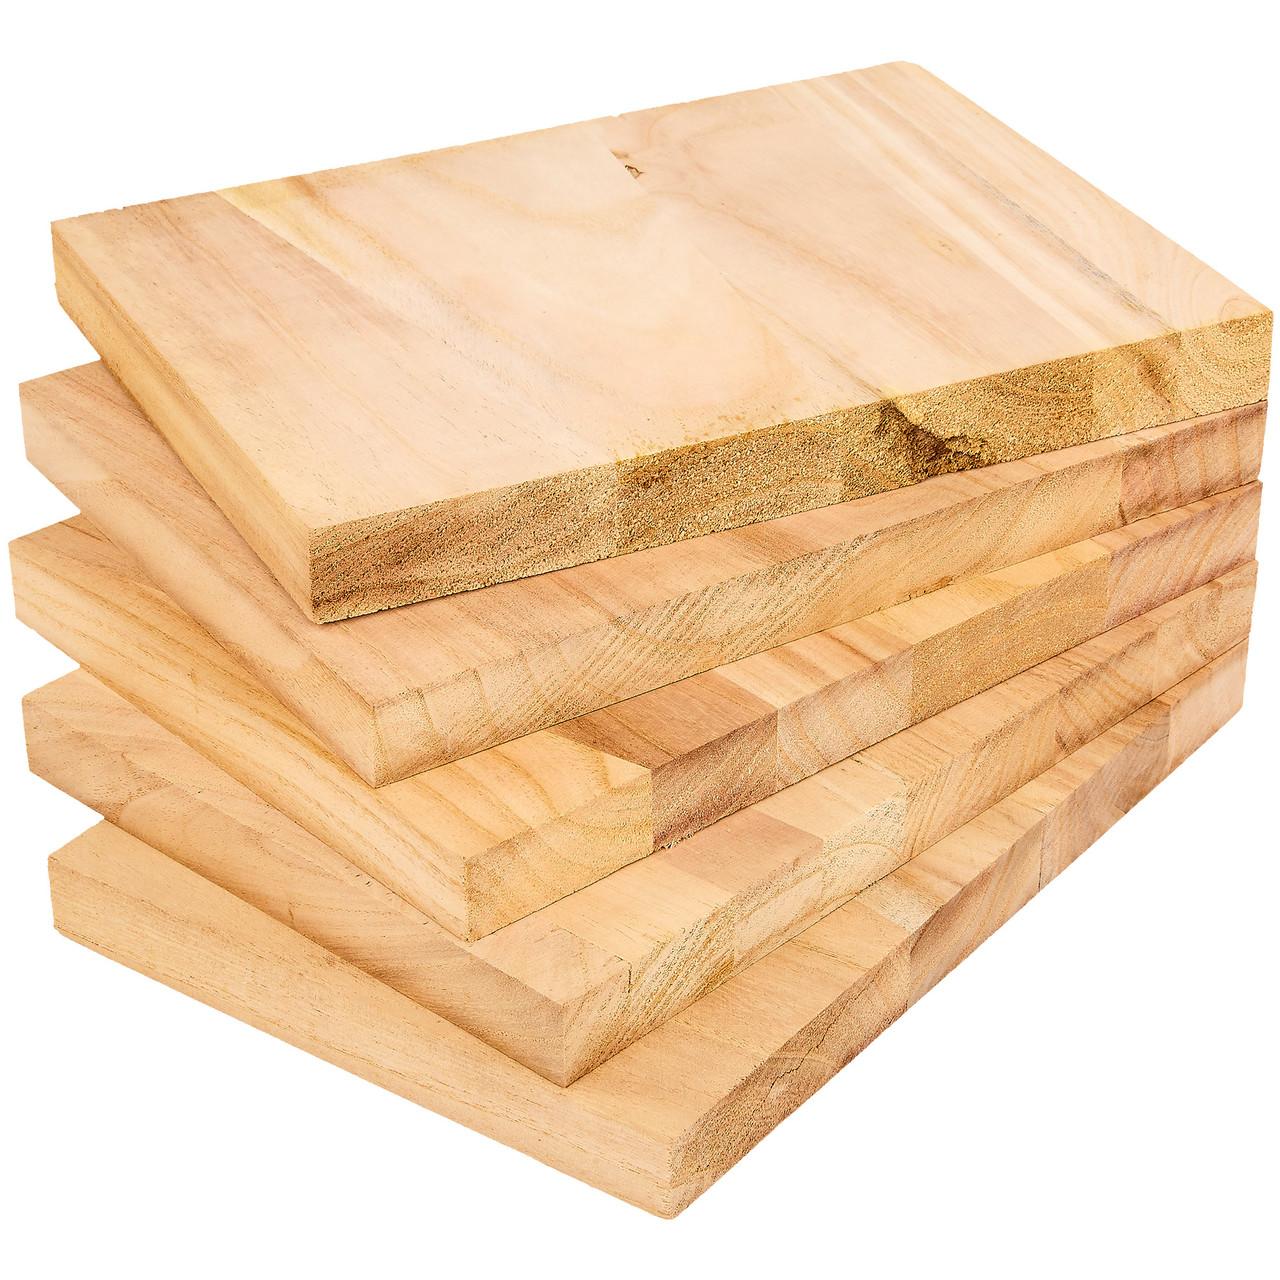 Доска для разбивания одноразовая (древесина, размер 30x21см, толщина 30мм)